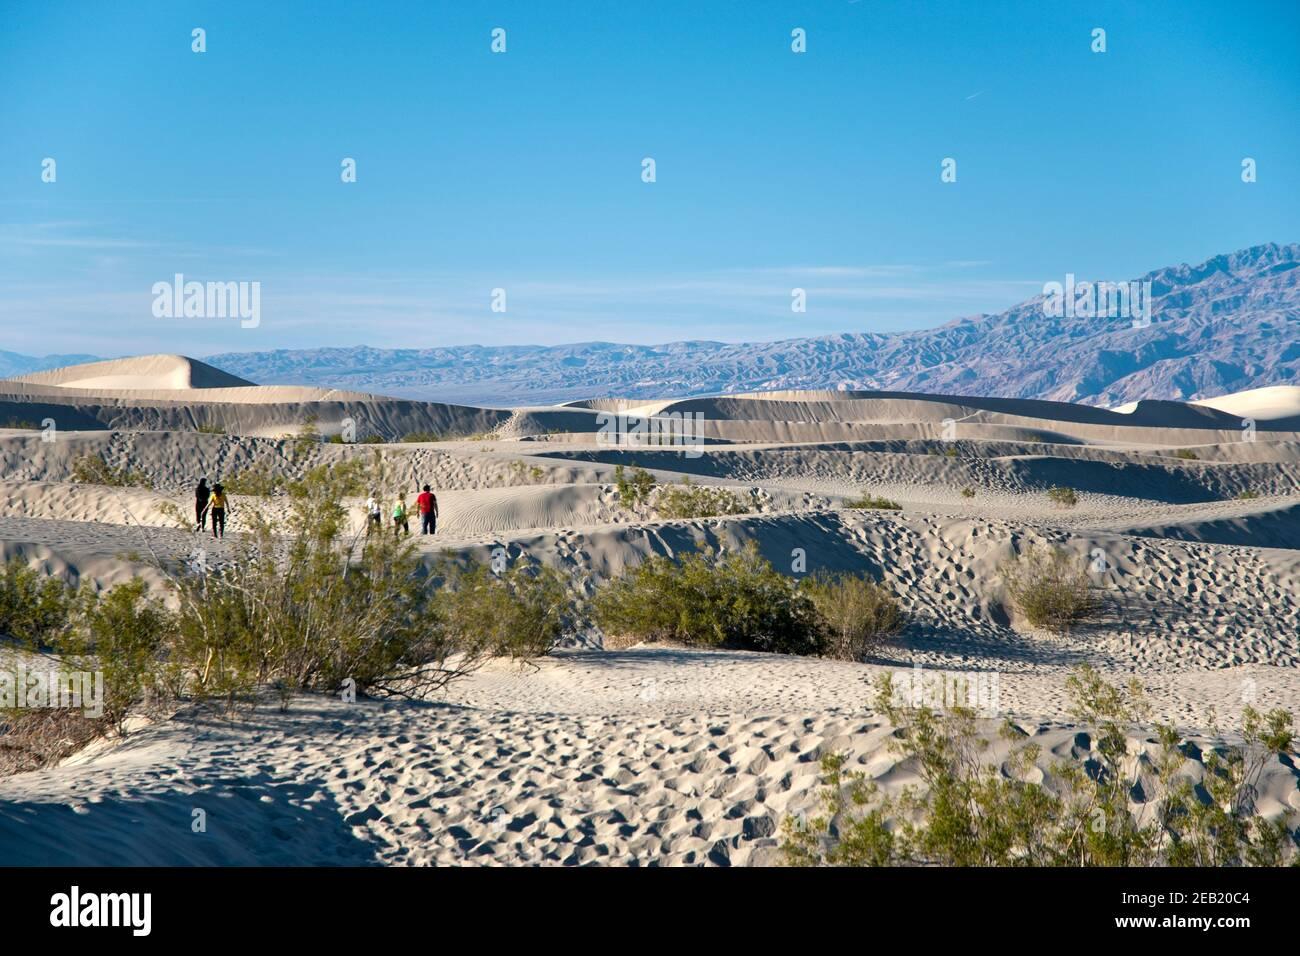 Las Dunas de arena de Mesquite Flats en el extremo norte del Parque Nacional del Valle de la muerte, California. Foto de stock